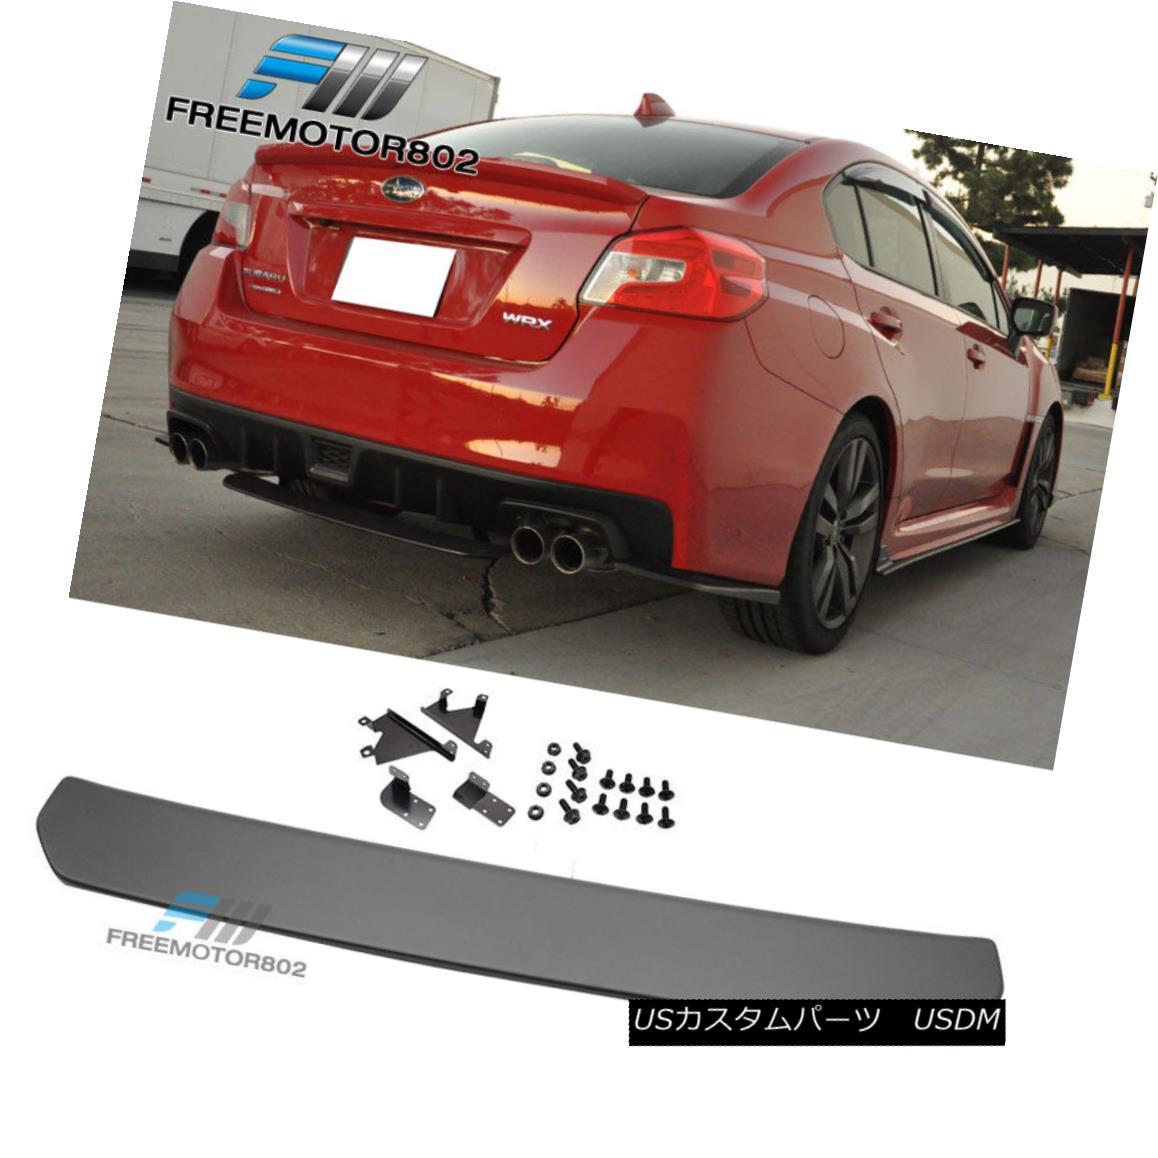 エアロパーツ Fits 15-18 Subaru WRX STI 4dr Rear Bumper Lip Splitter Diffuser ABS フィット15-18スバルWRX STI 4drリアバンパーリップスプリッタディフューザーABS